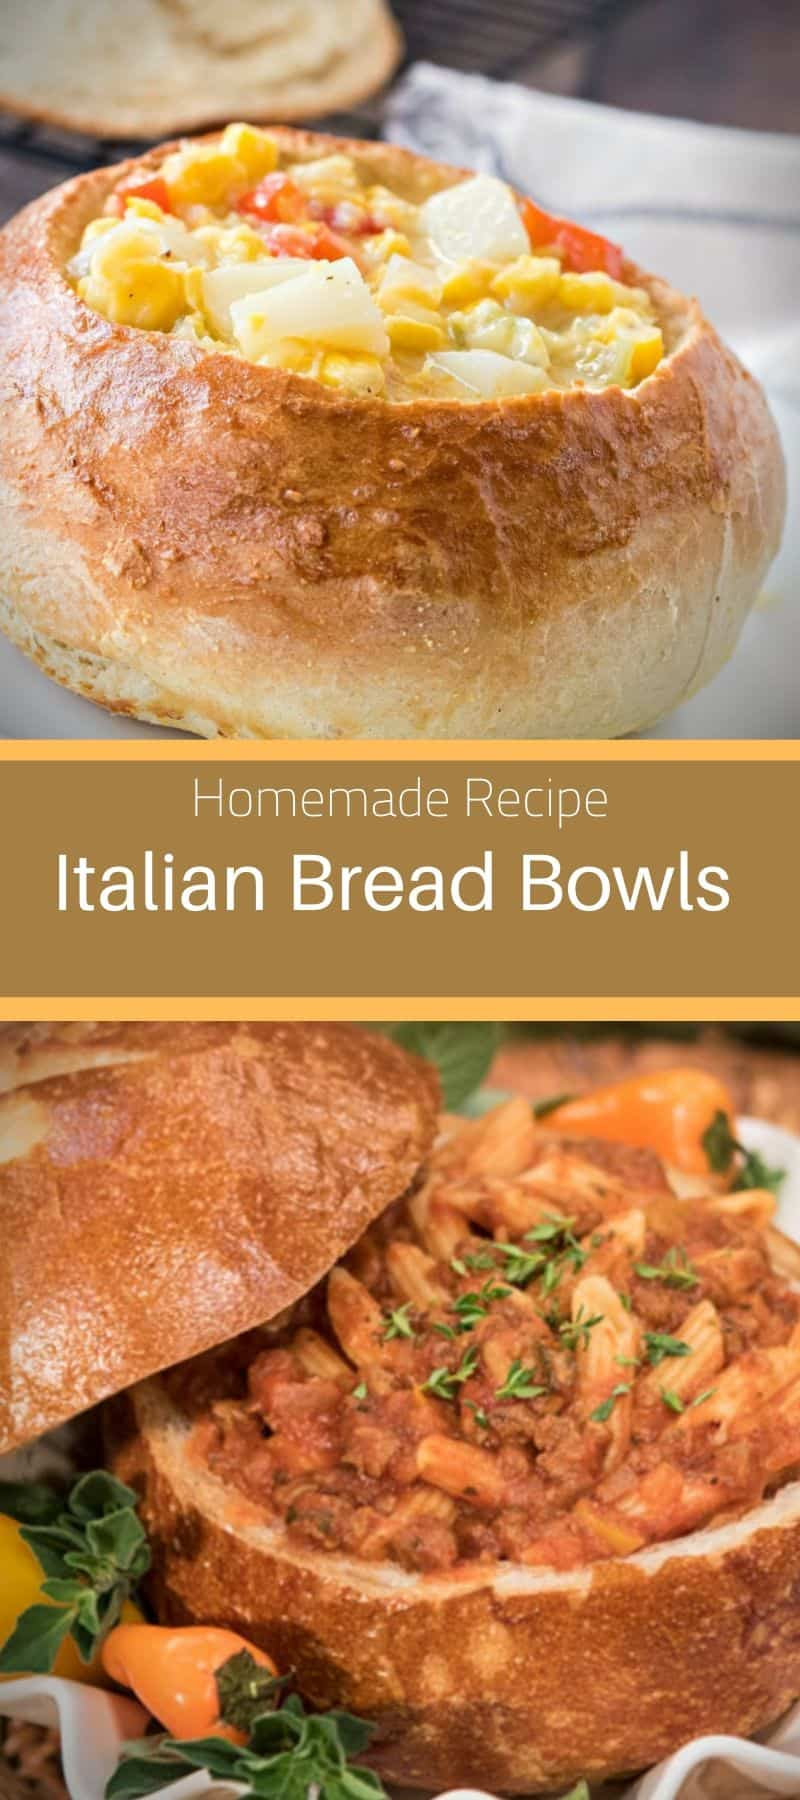 Homemade Italian Bread Bowls Recipe 3